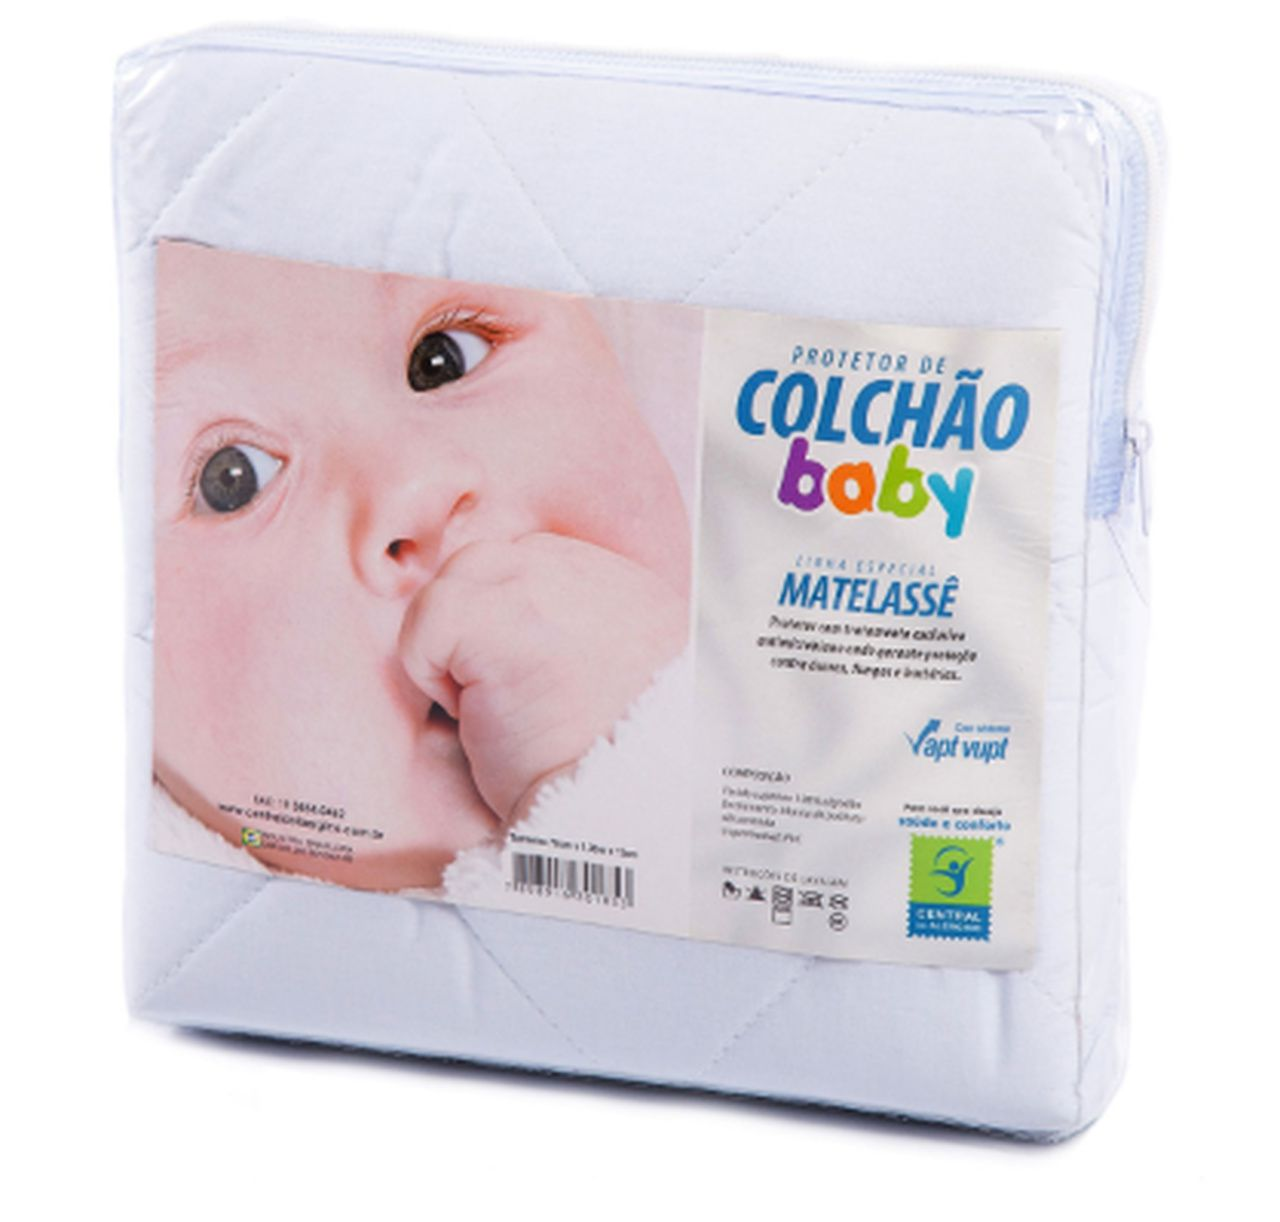 Protetor de Matelassê Impermeável de Colchão Bebê POLY/ALGODÃO Impermeável Vapt Vupt (Elástico)